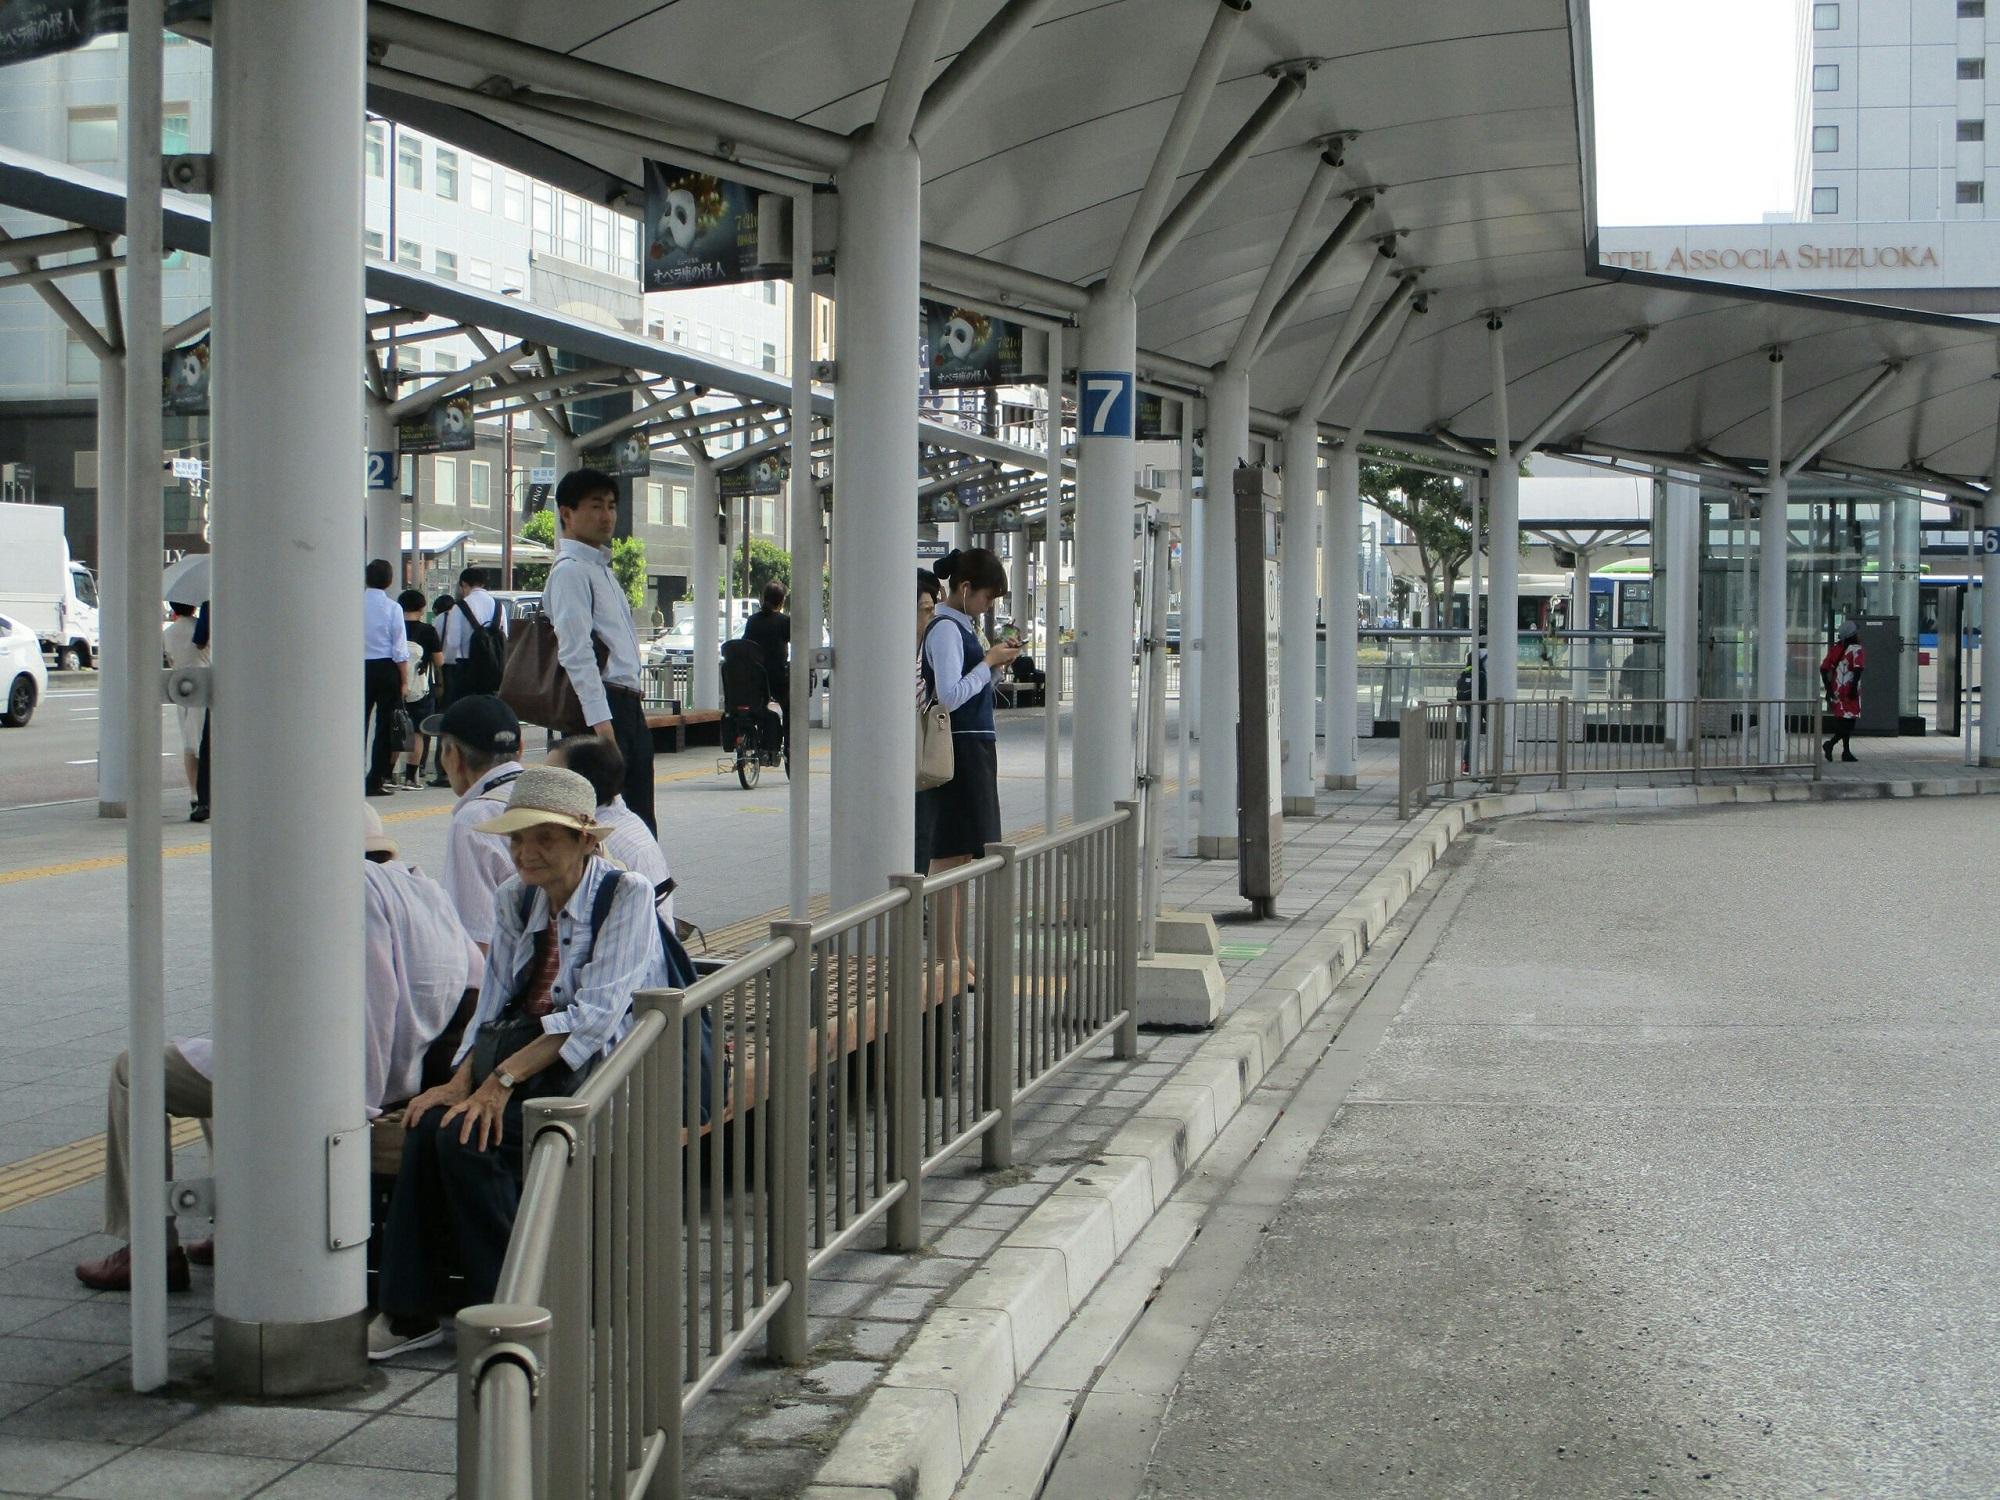 2018.8.10 (22) 静岡えきまえ - バスのりば 2000-1500